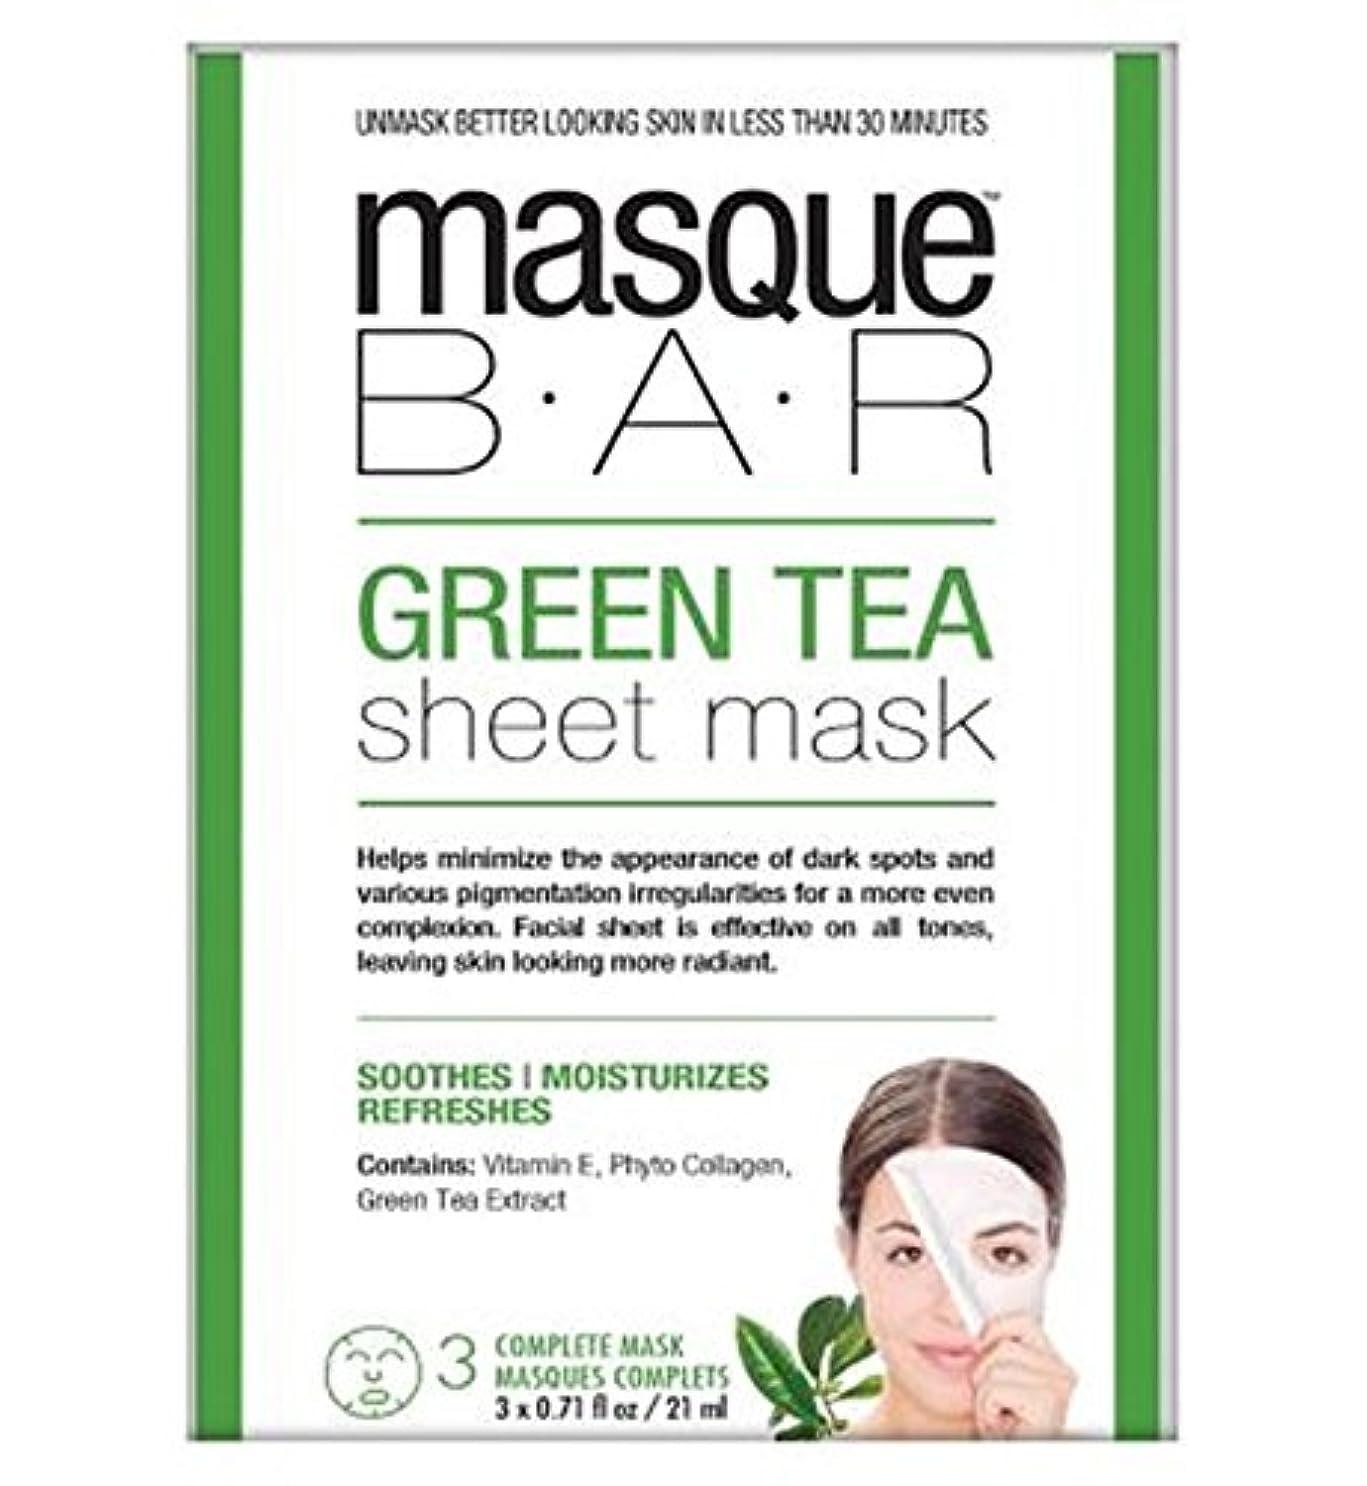 ダム決めます航空仮面劇バー緑茶シートマスク - 3完全なマスク (P6B Masque Bar Bt) (x2) - Masque Bar Green Tea Sheet Mask - 3 complete masks (Pack of...